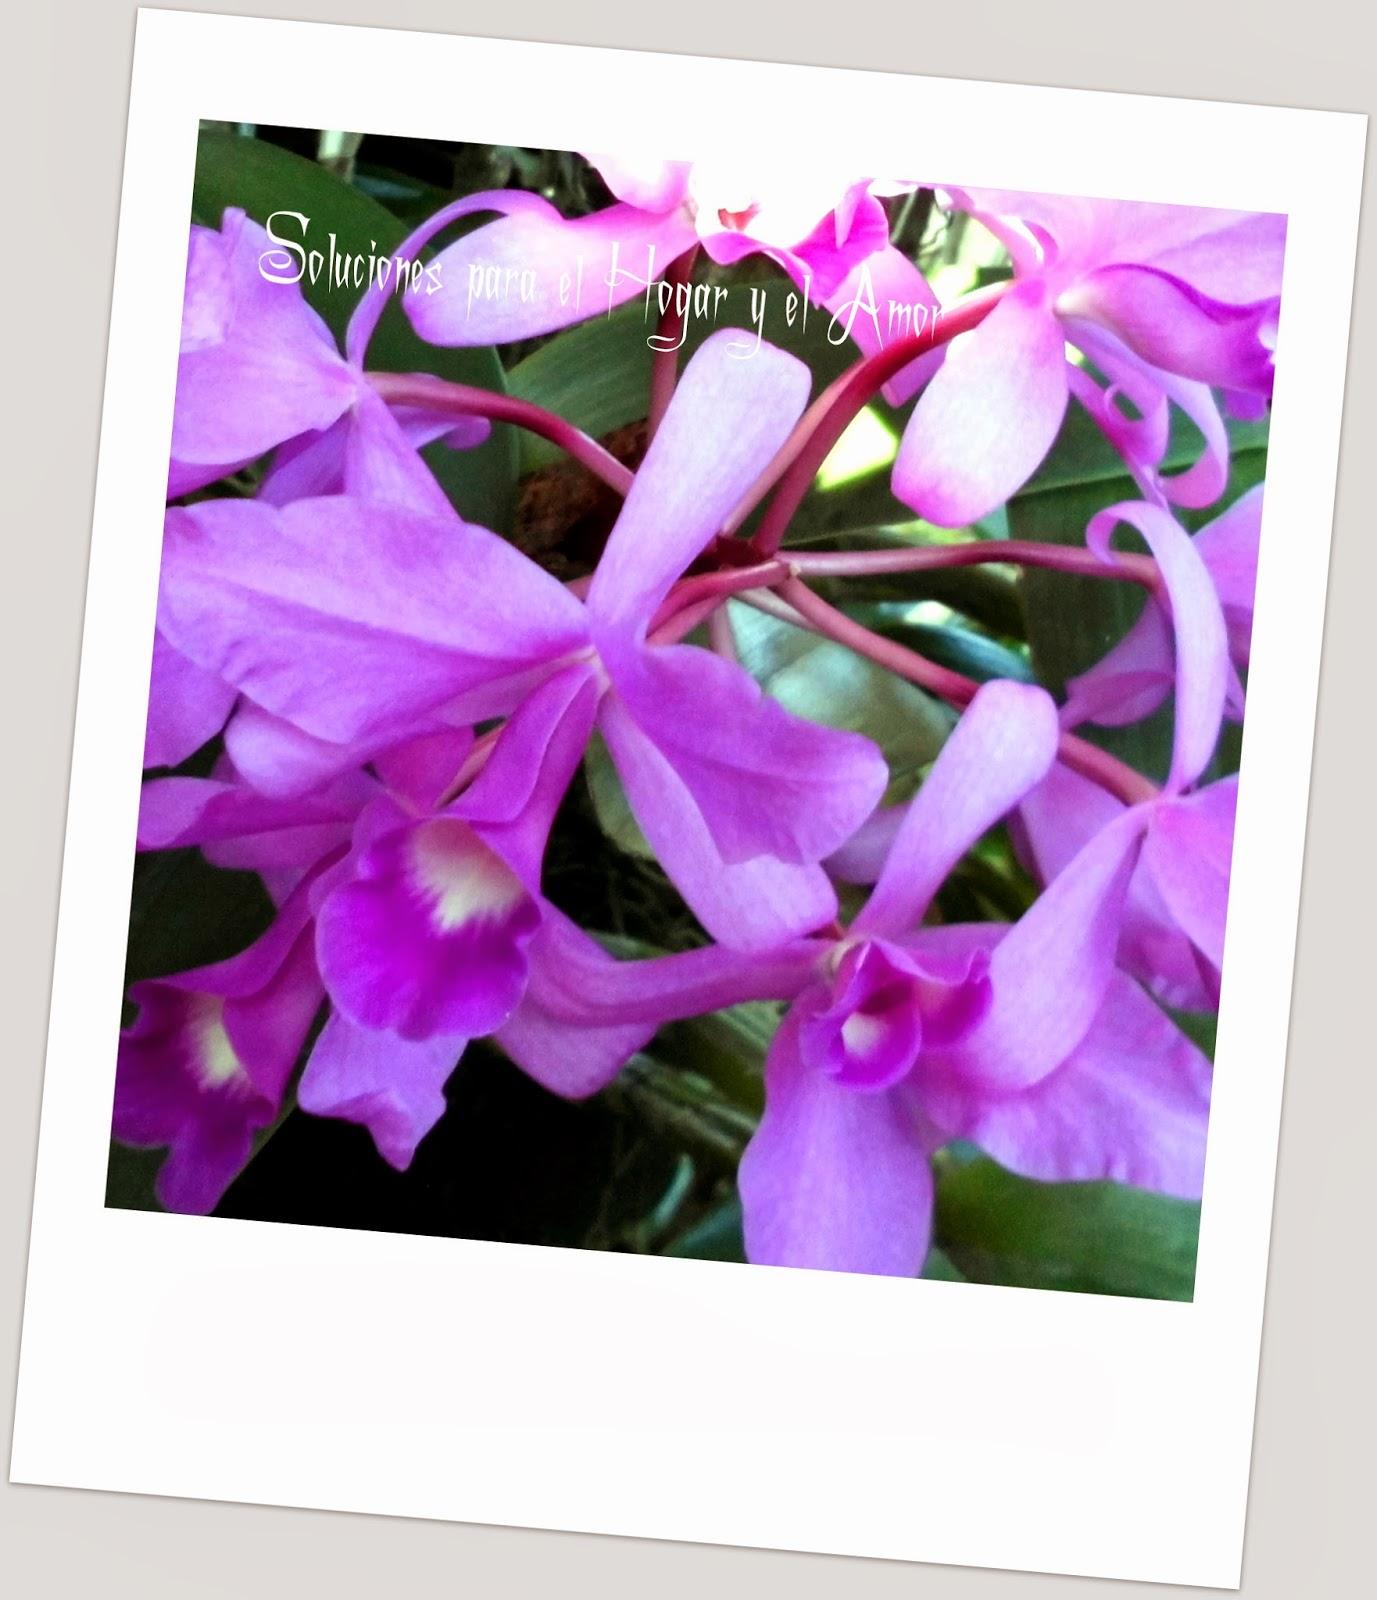 Orquídea Cattleya skinneri